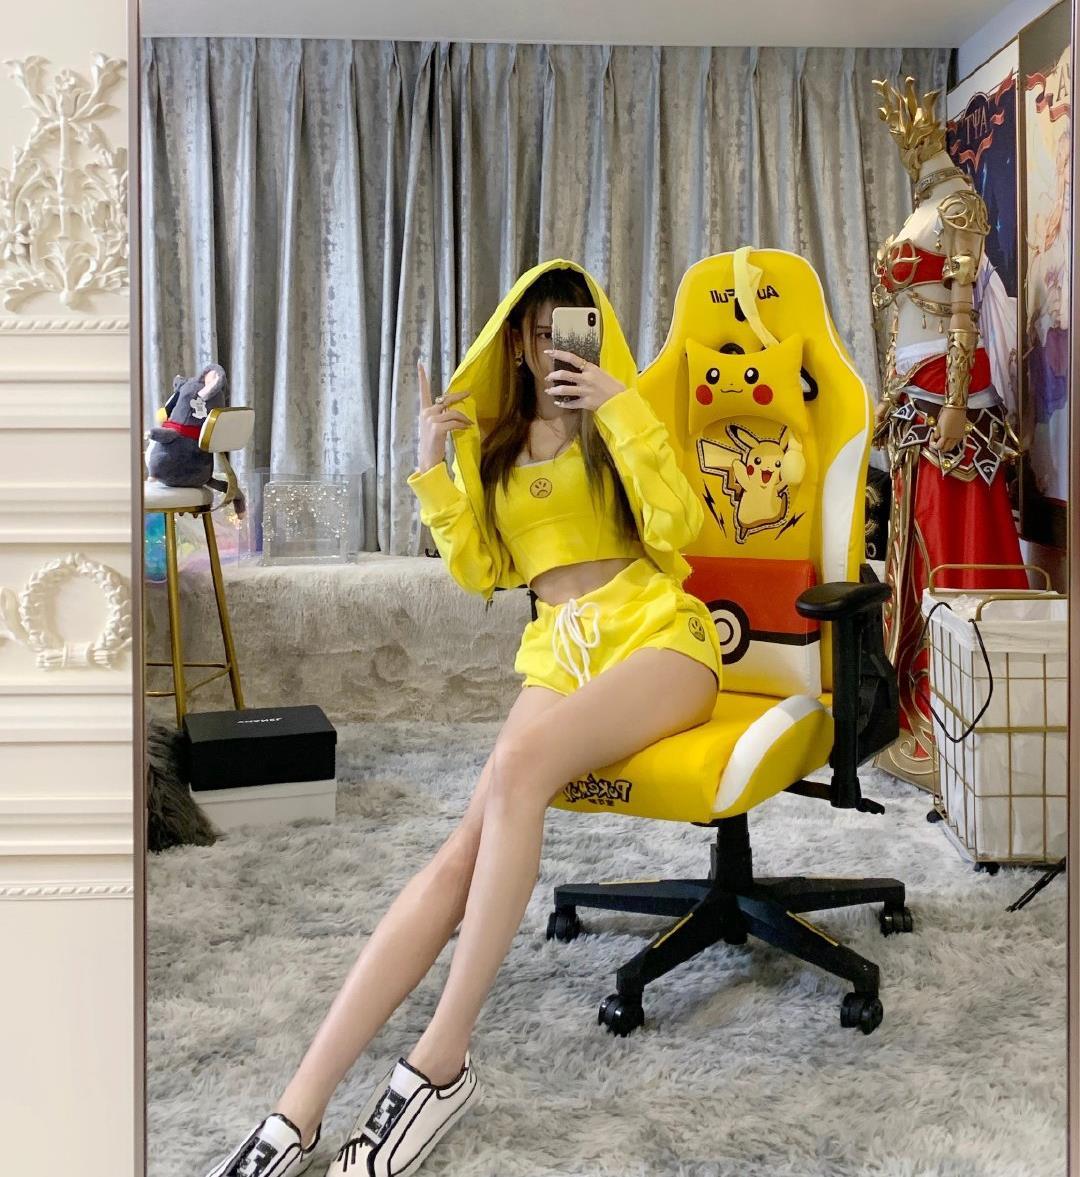 很黄很色的小游戏_腐团儿最受欢迎的几套成名之作,其一挂在主页狂揽百万粉丝-第6张图片-游戏摸鱼怪